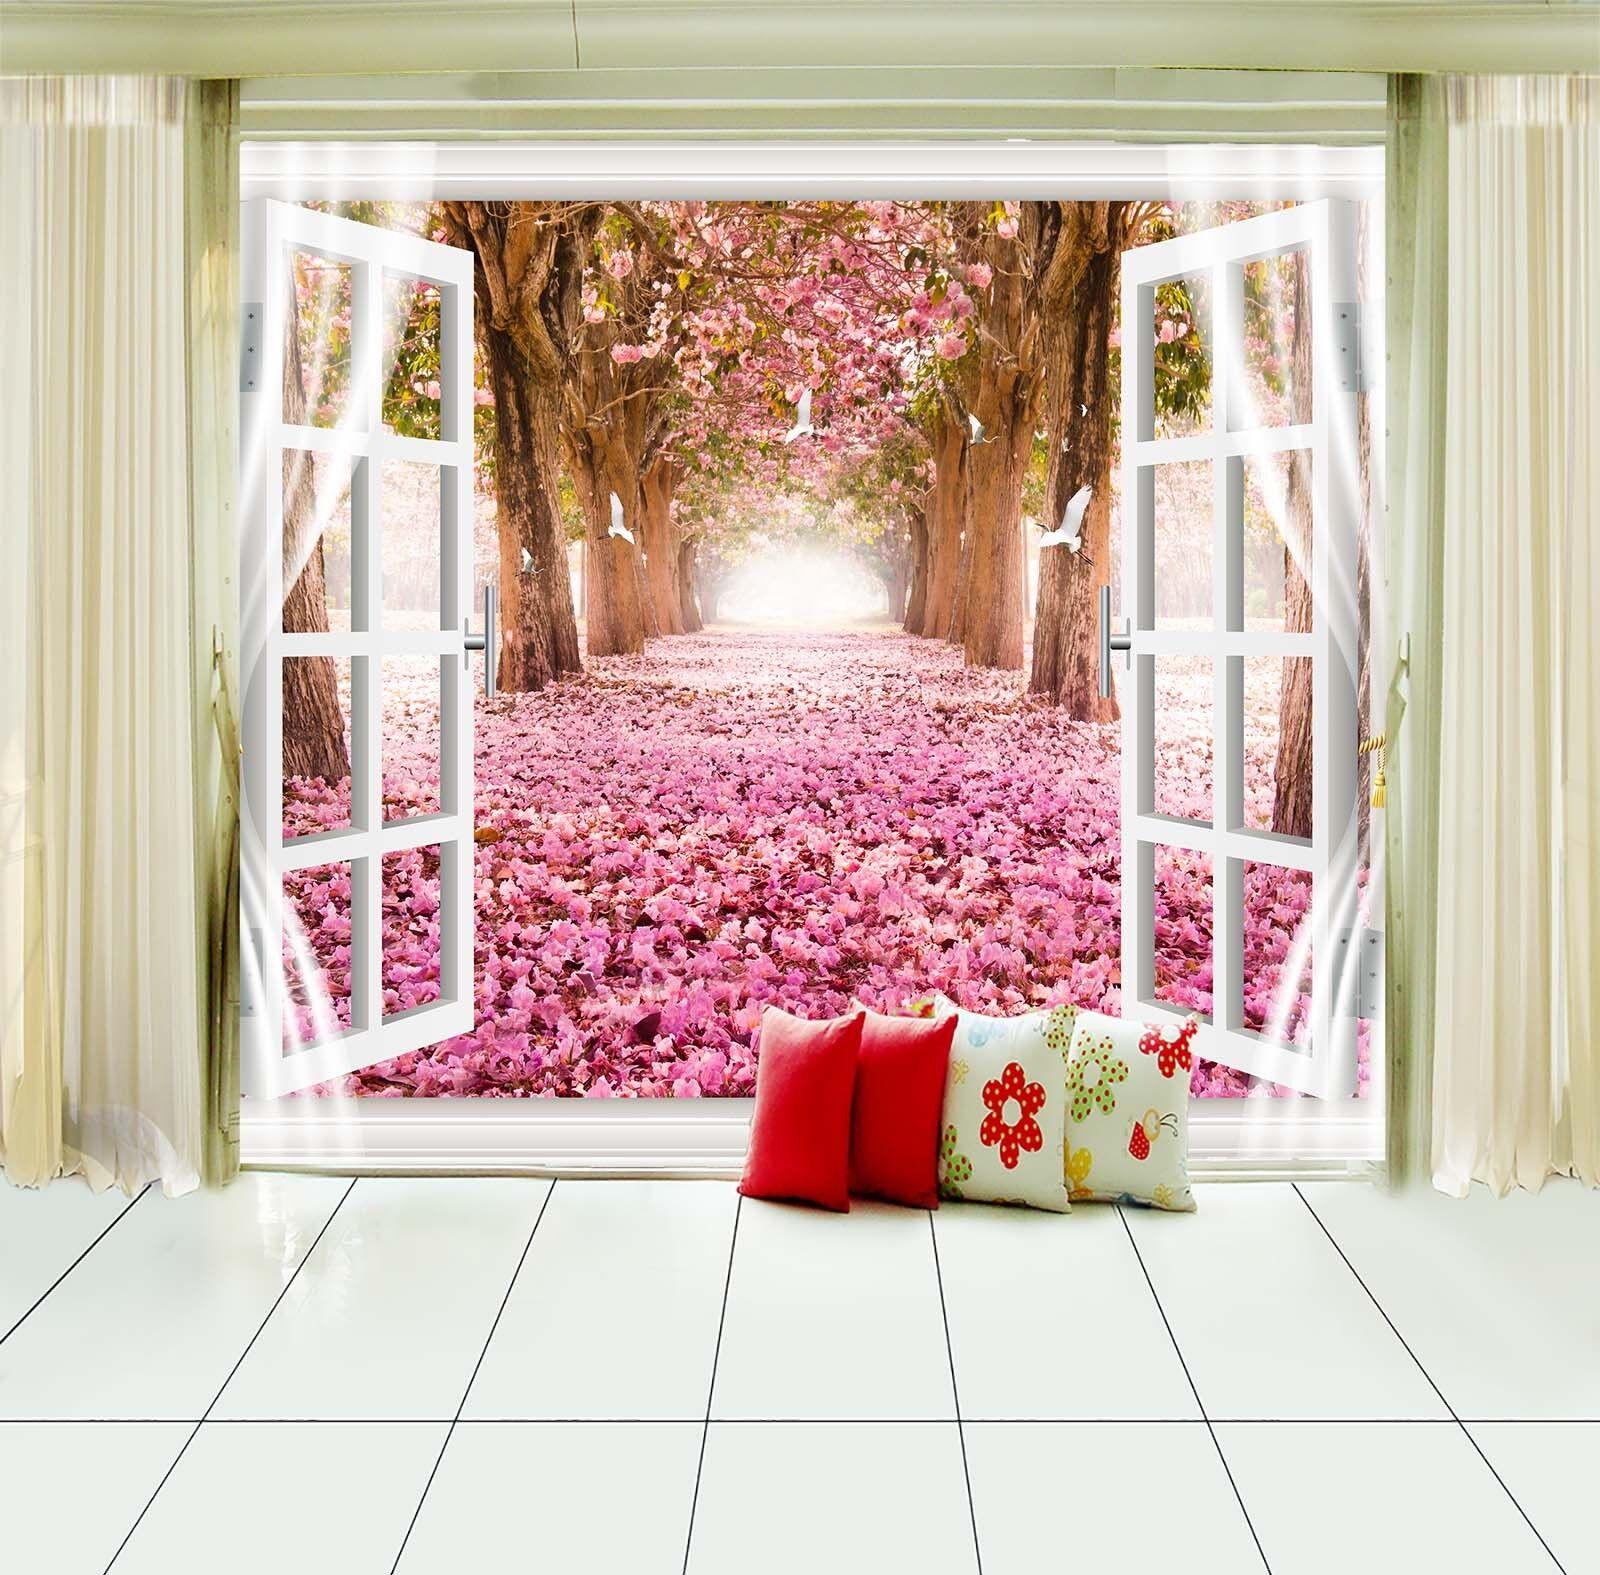 3D Rosa Rosa Rosa Blaumen Fenster 843 Tapete Wandgemälde Tapete Tapeten Bild Familie DE | Erste Gruppe von Kunden  | Feine Verarbeitung  |  08c920